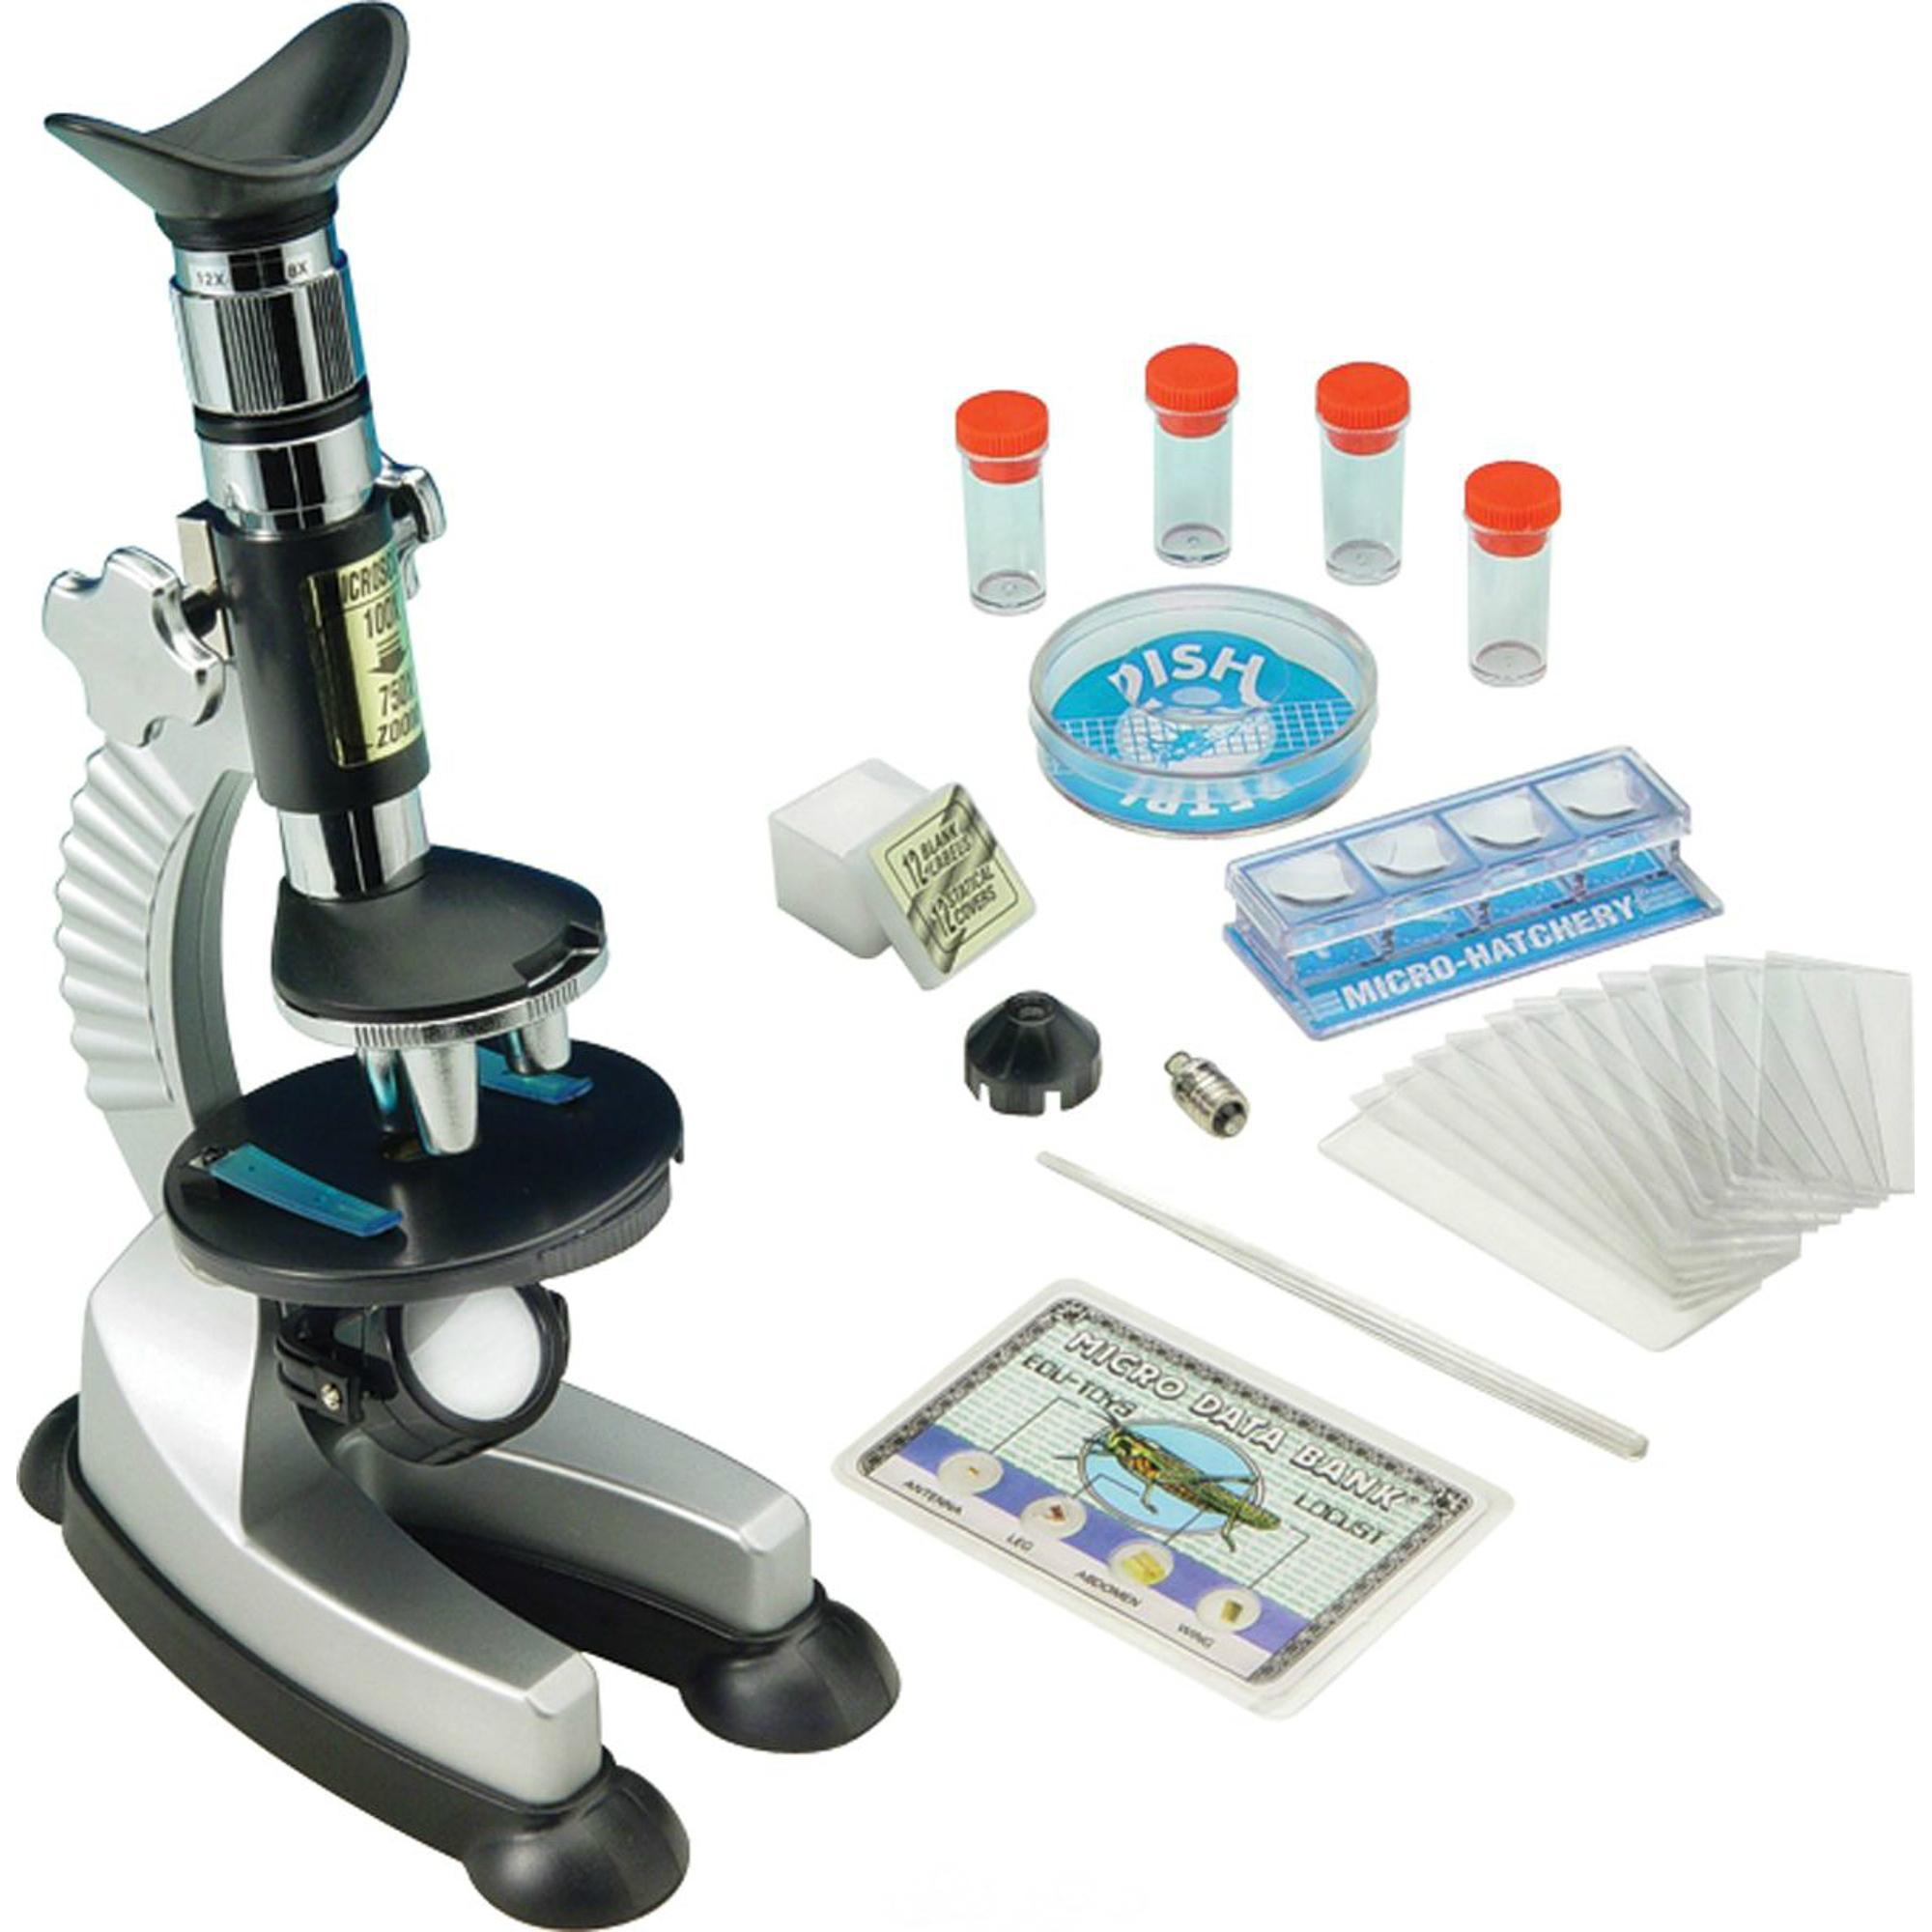 Фото - Набор для опытов Edu-toys Микроскоп 100x750 микроскоп edu toys ms907 серебристый